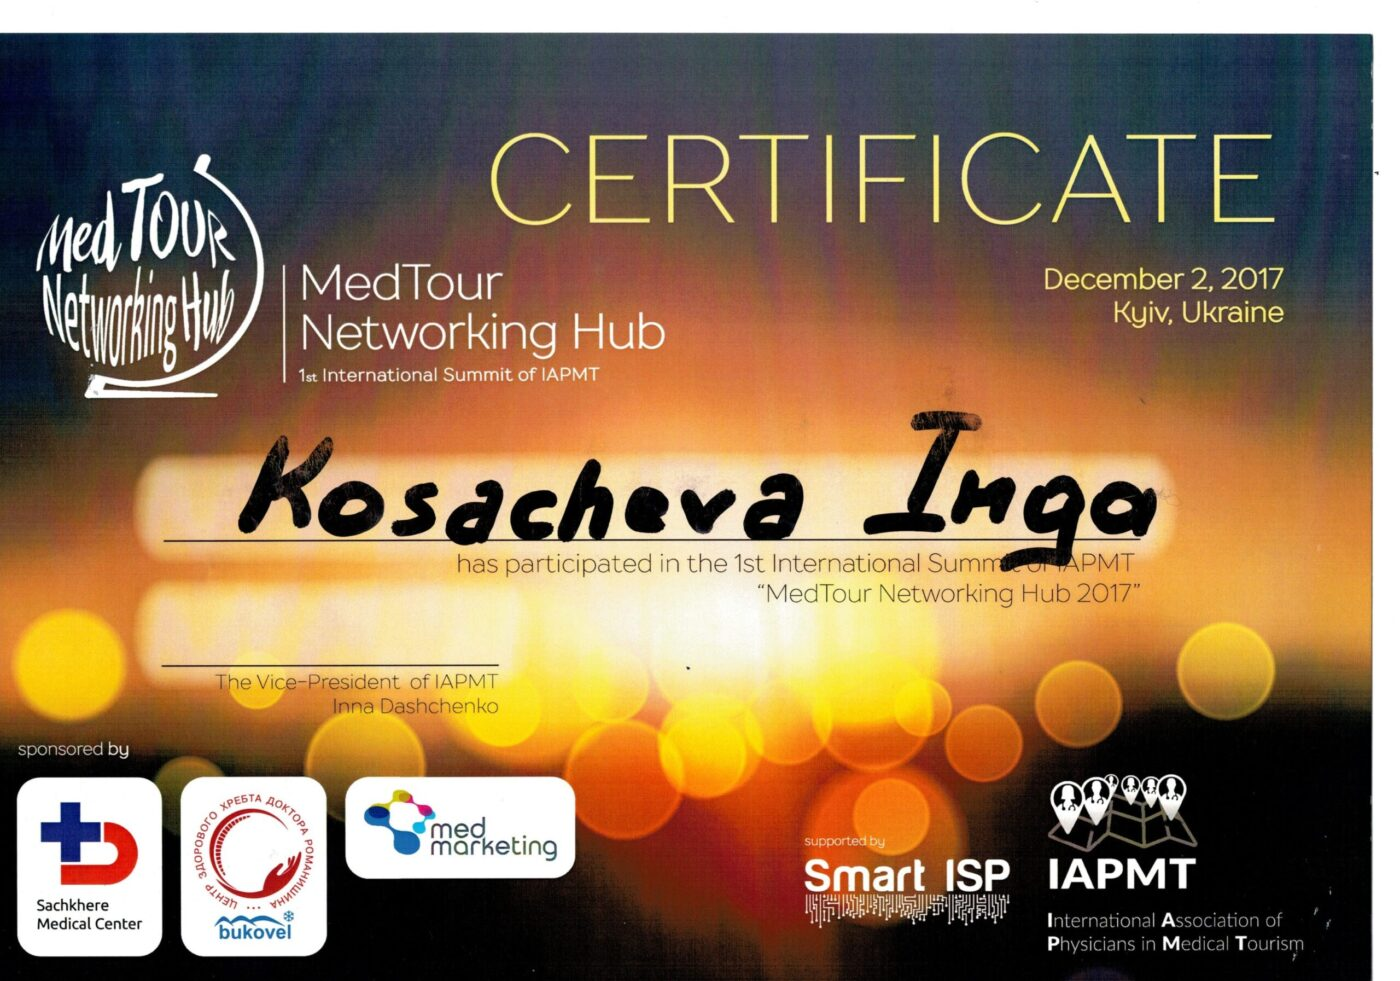 Сертификат подтверждающий участие Косачевой Инги в курсе - MedTour Networking Hun 2017